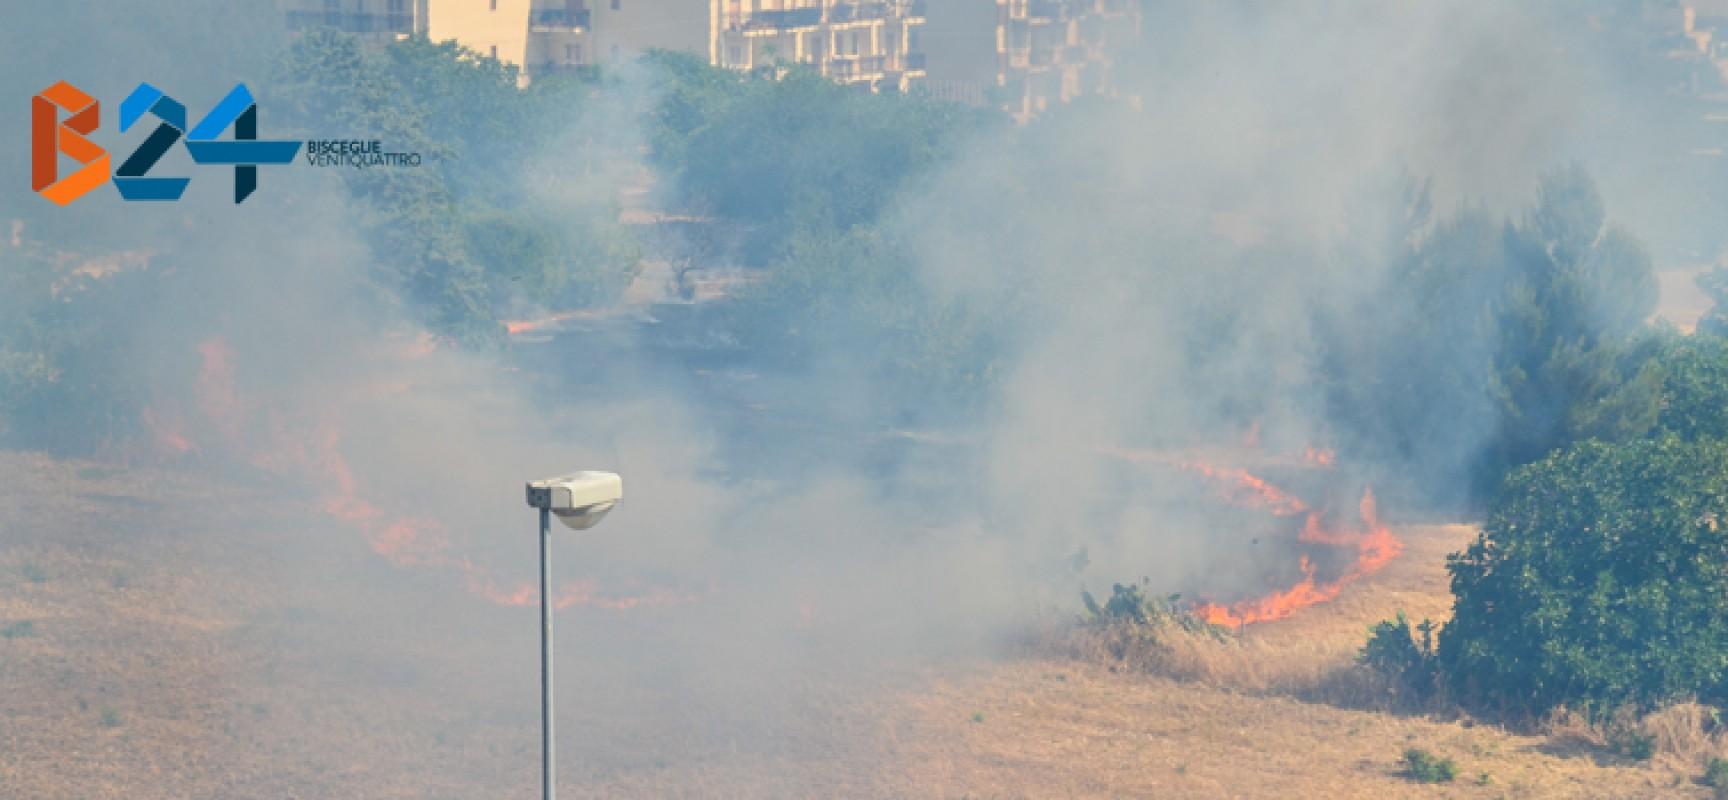 Quarto incendio in quattro giorni nel quartiere Sant'Andrea / FOTO